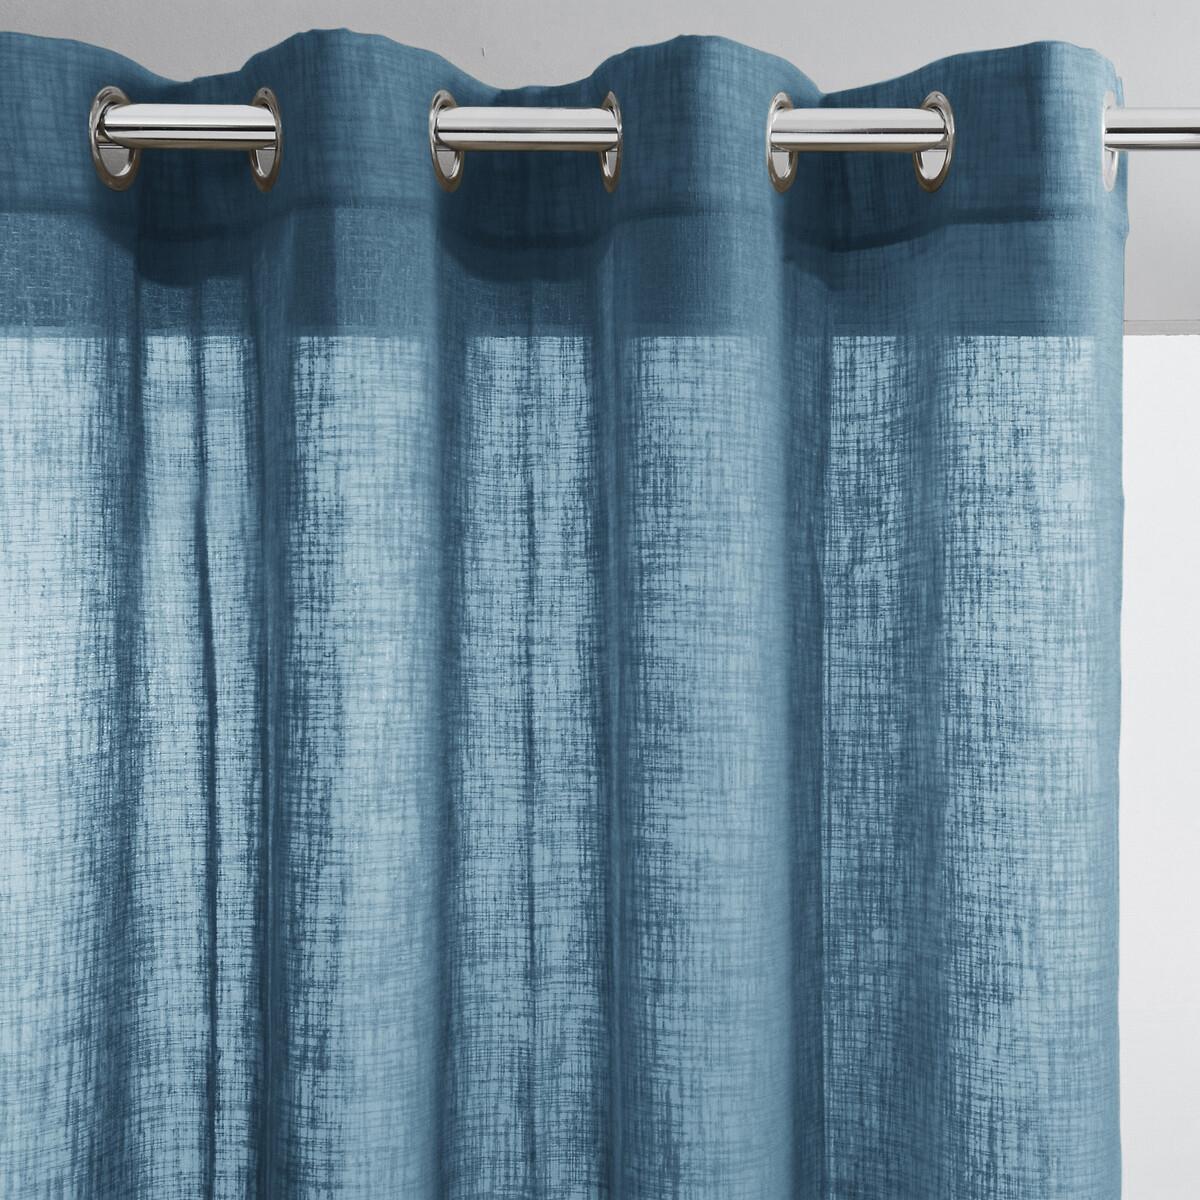 Занавеска LaRedoute С эффектом льна с отверстиями Nyong 350 x 140 см синий